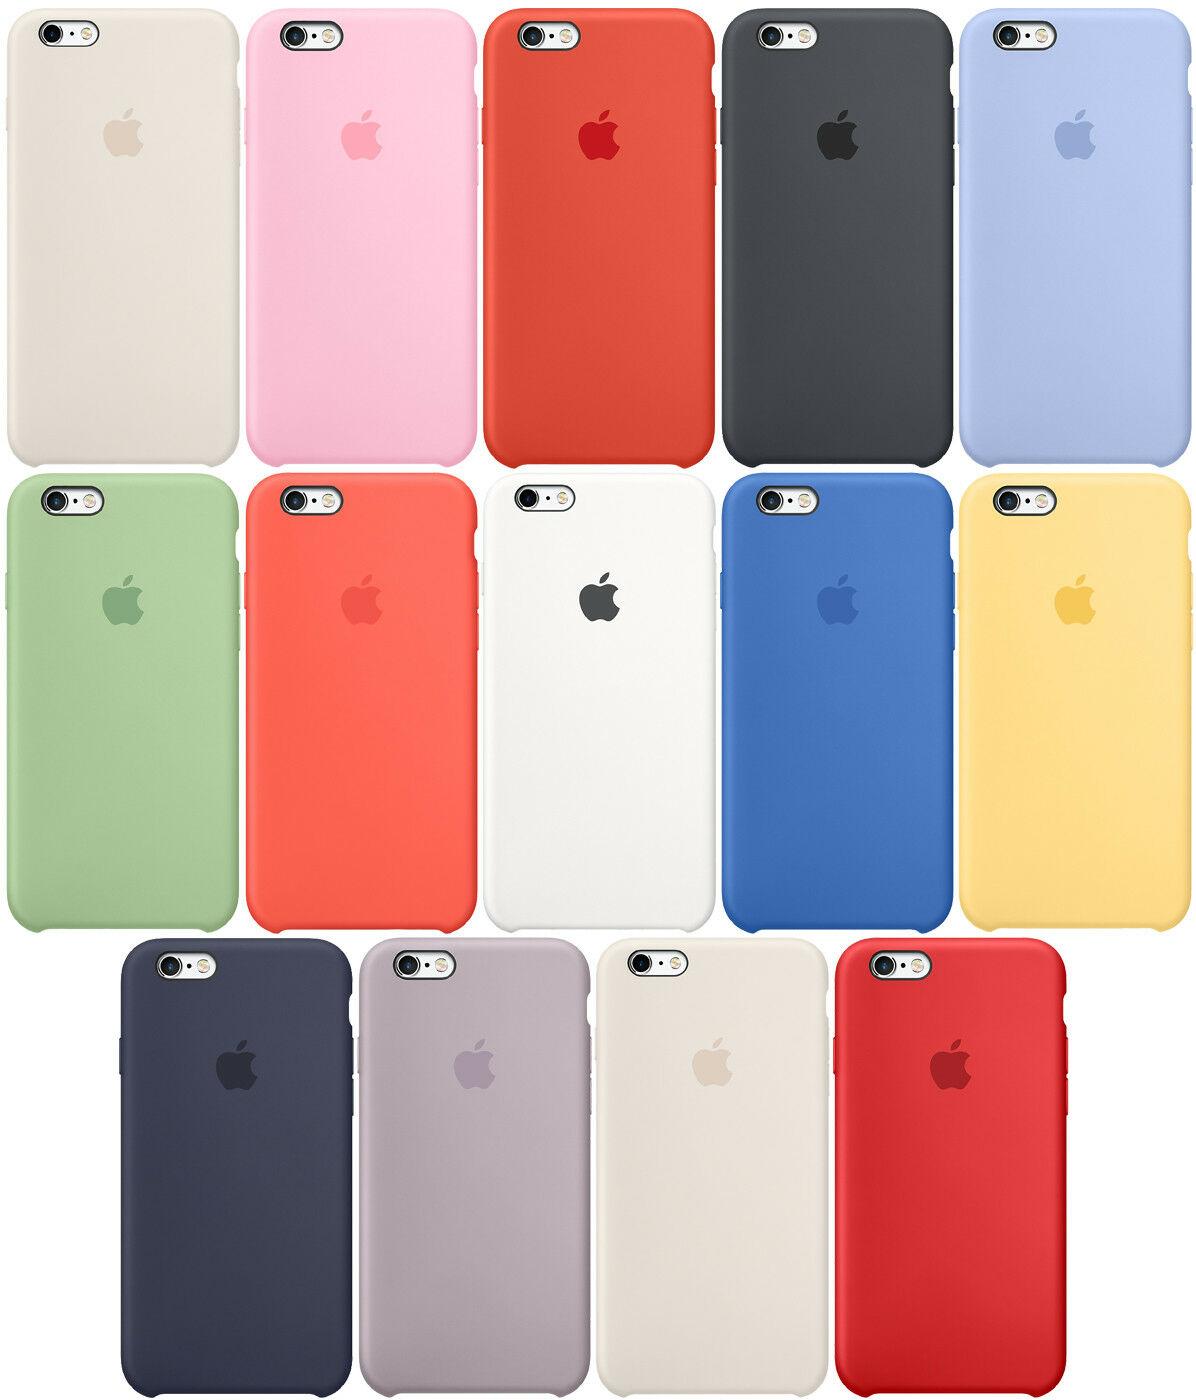 Apple Funda Estuche Silicone Case iPhone 6 / 6s